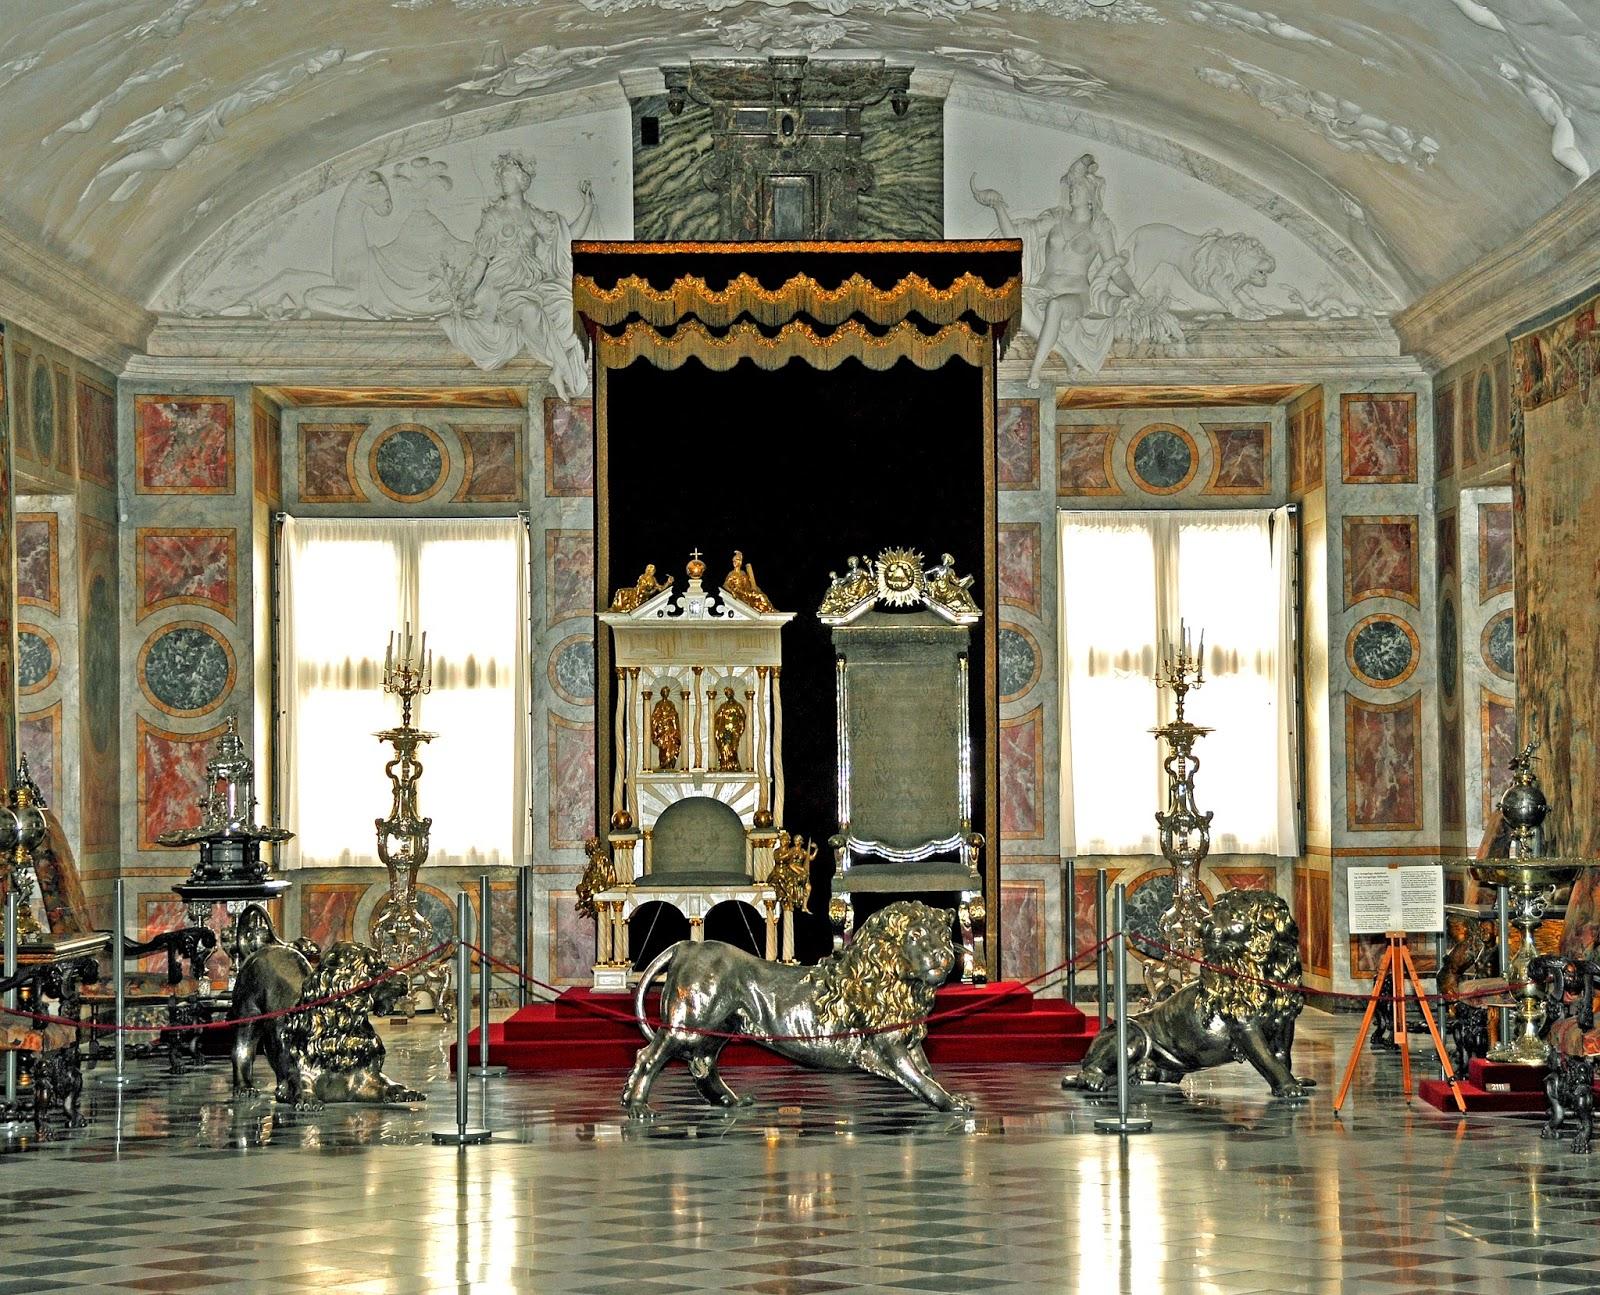 El trono de cuerno de unicornio del Reino de Dinamarca Rosenborg_Castle_-_throne_room